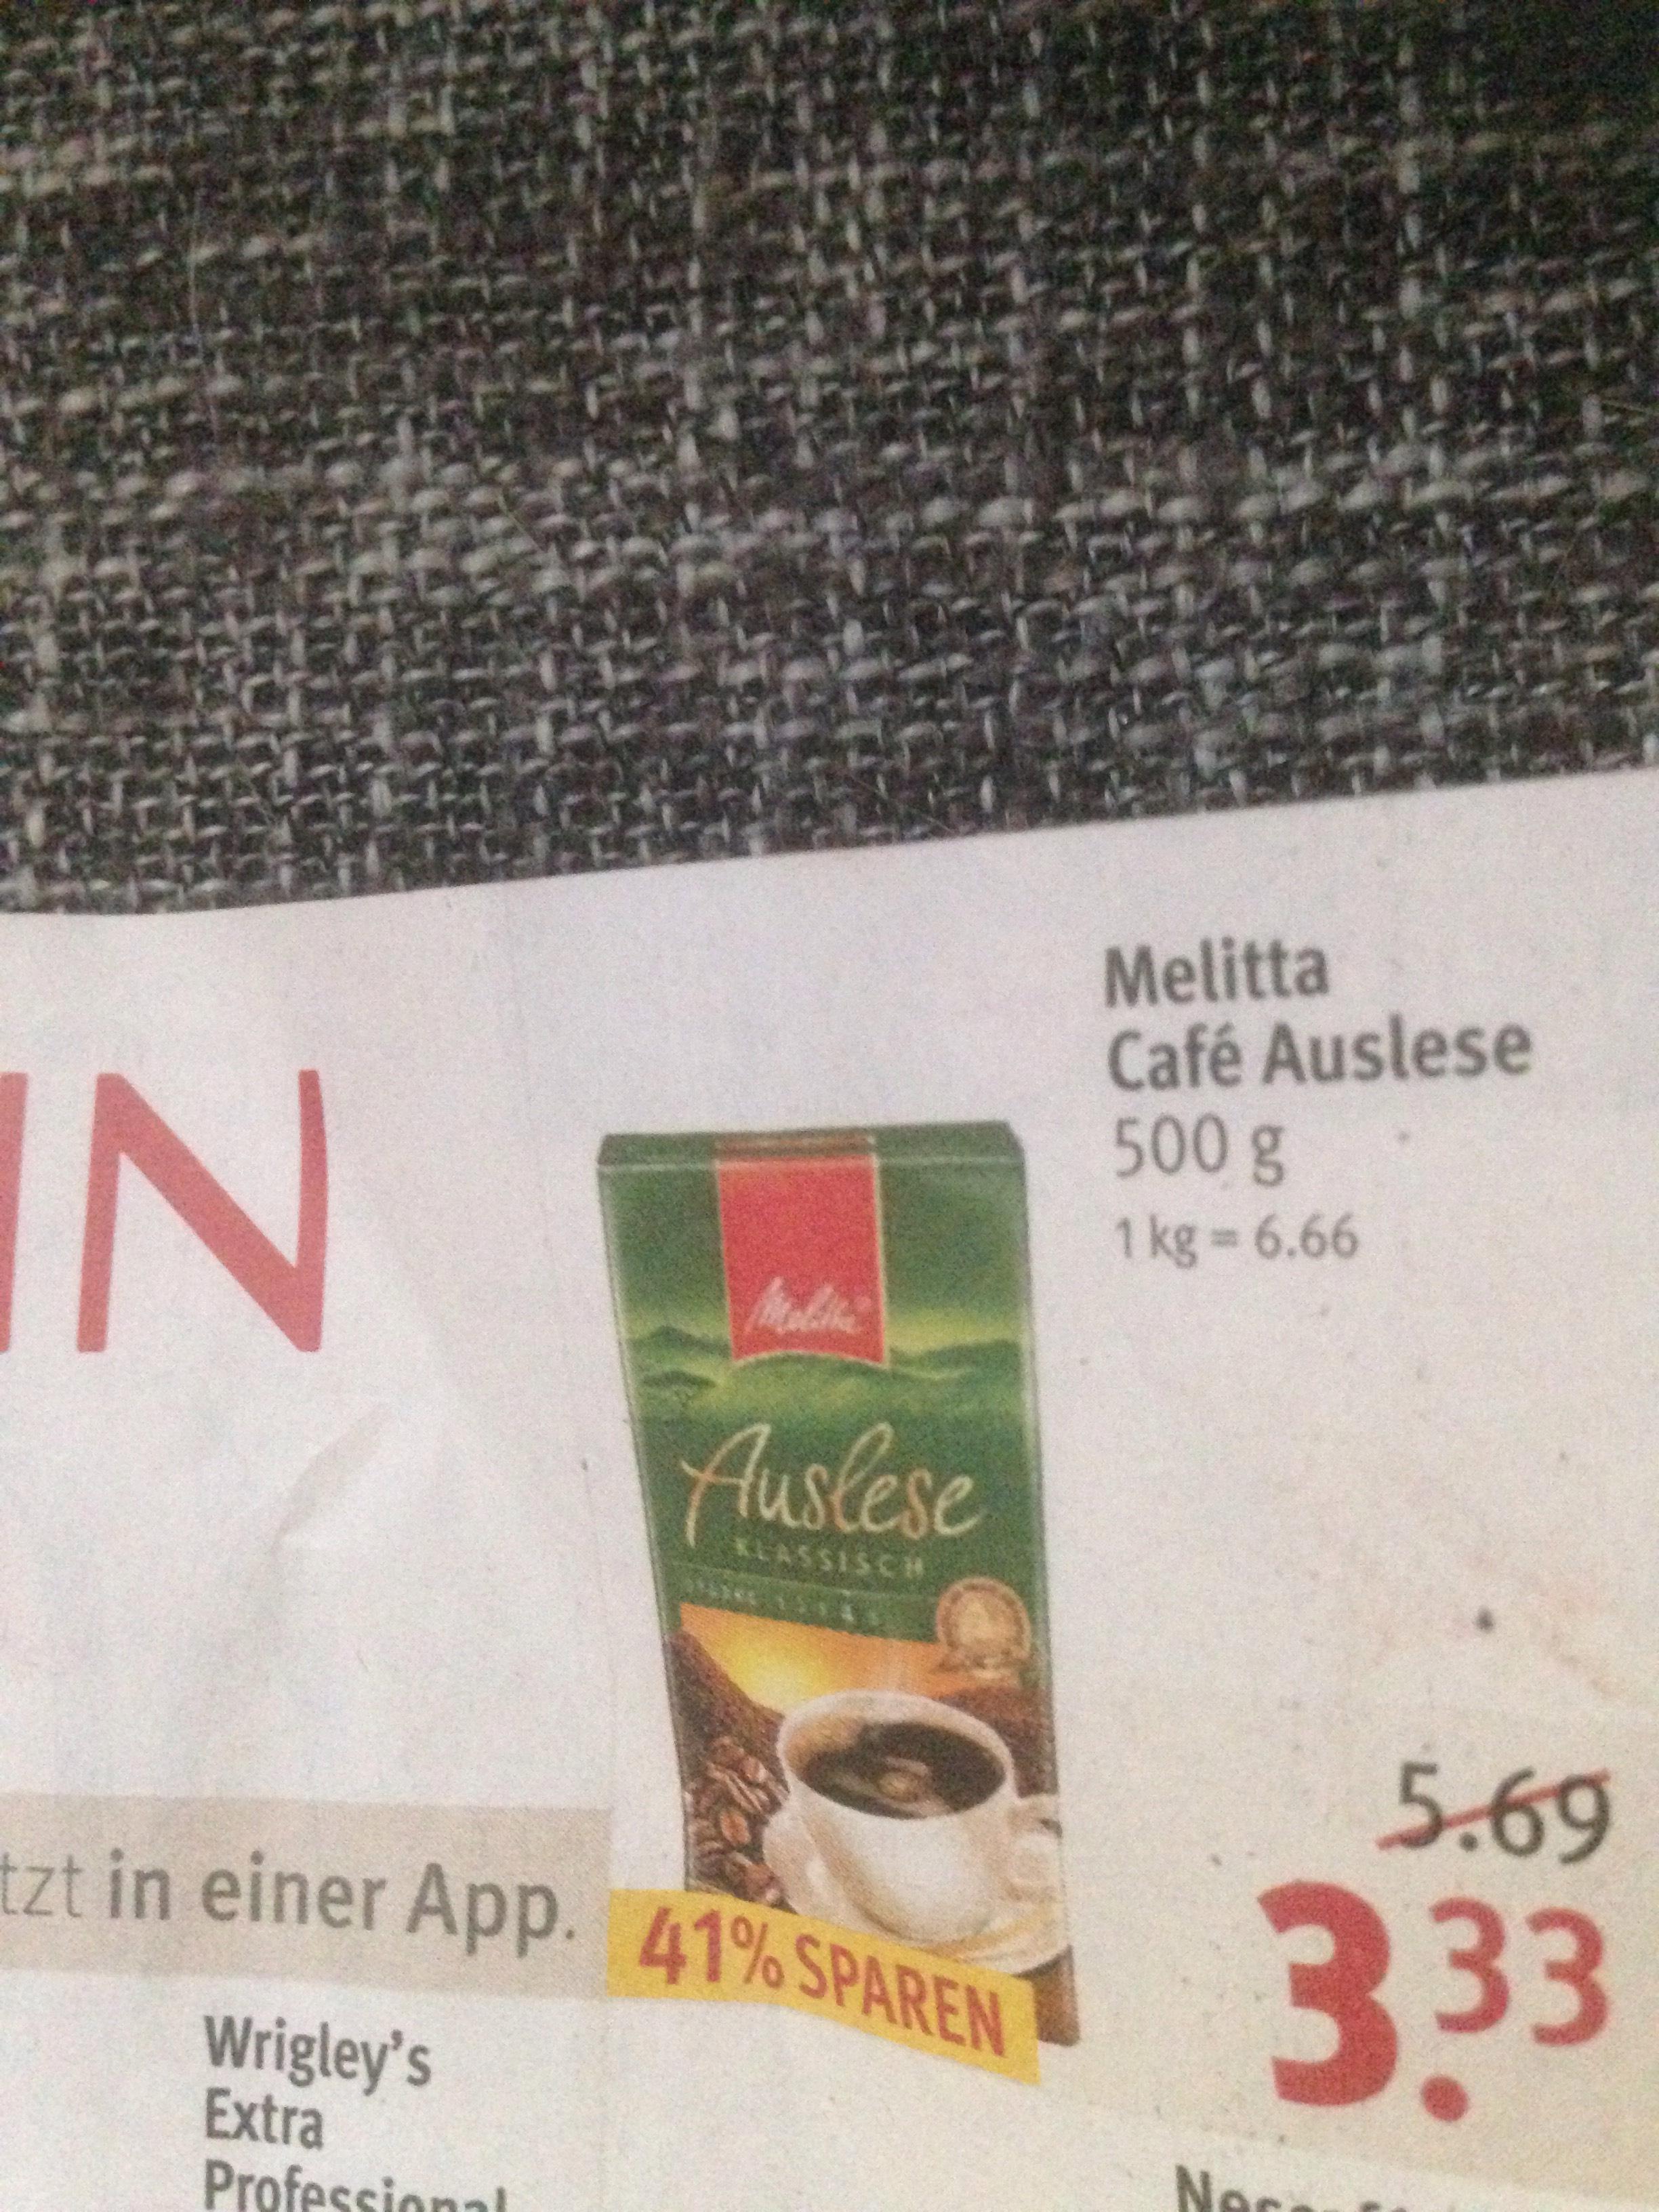 Rossmann Angebot Melitta Kaffee versch. Sorten für 2,99€ mit der App